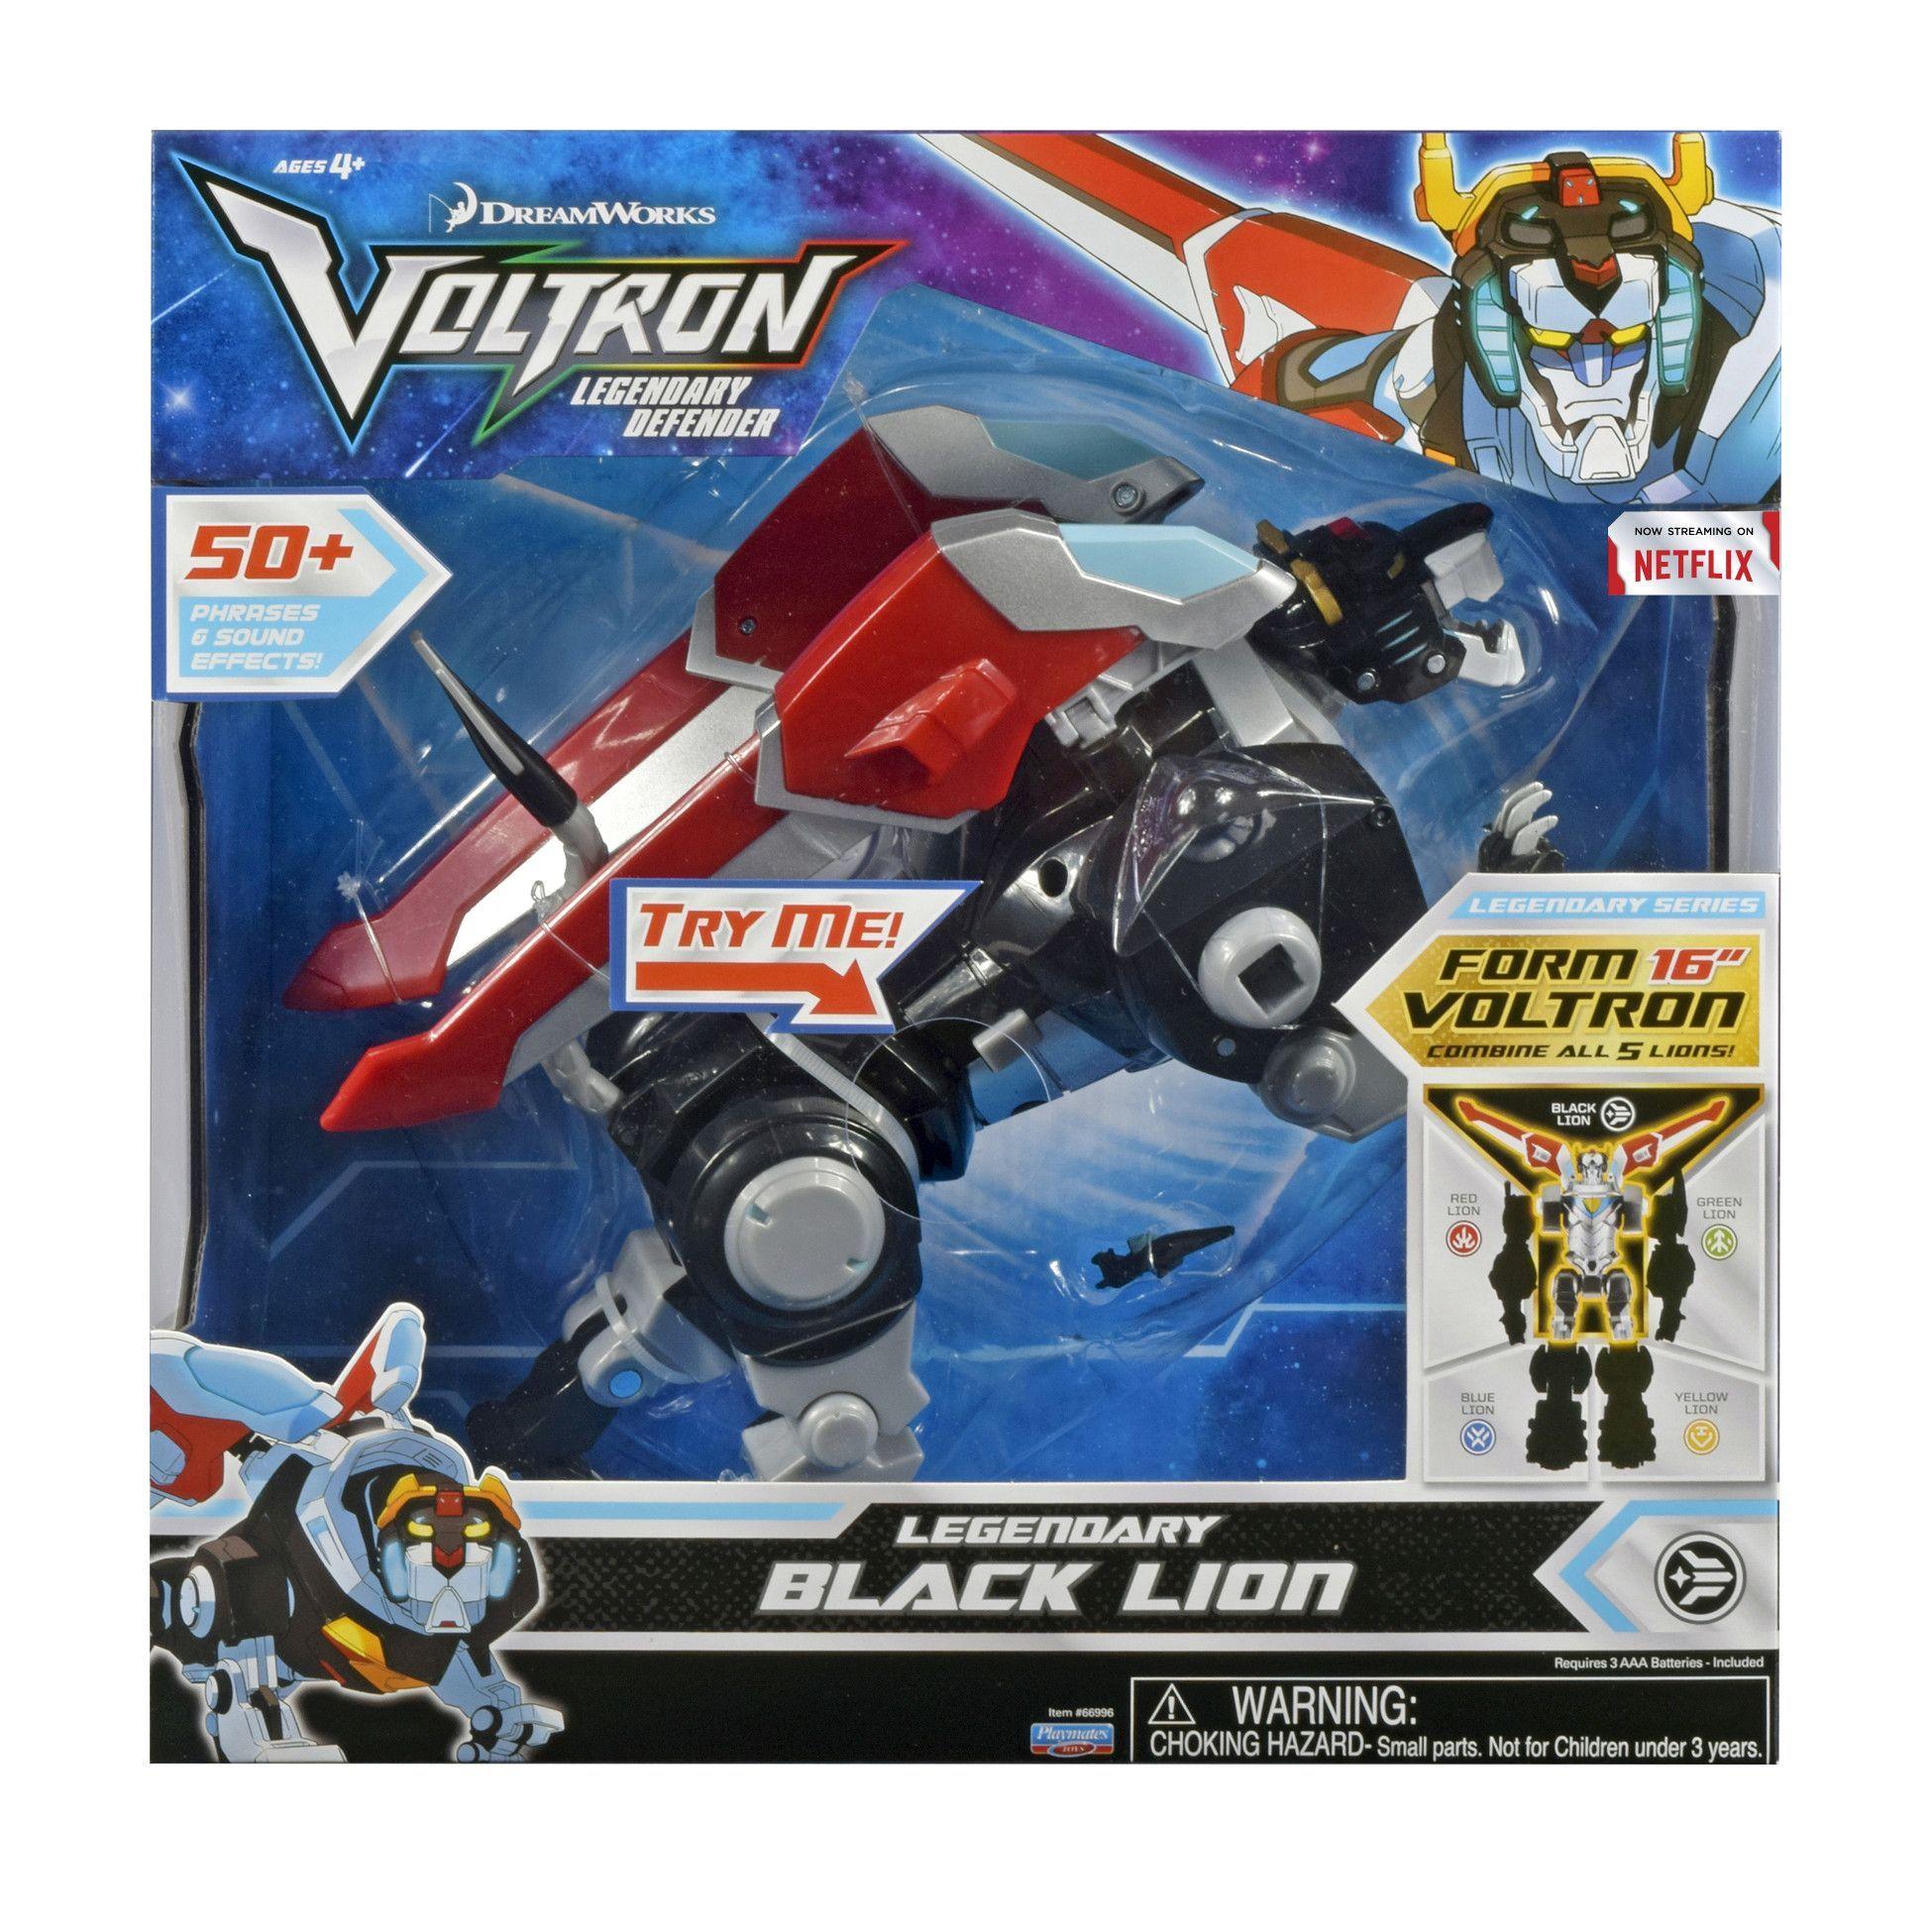 Voltron Legendary Electronic Black Lion Black lion